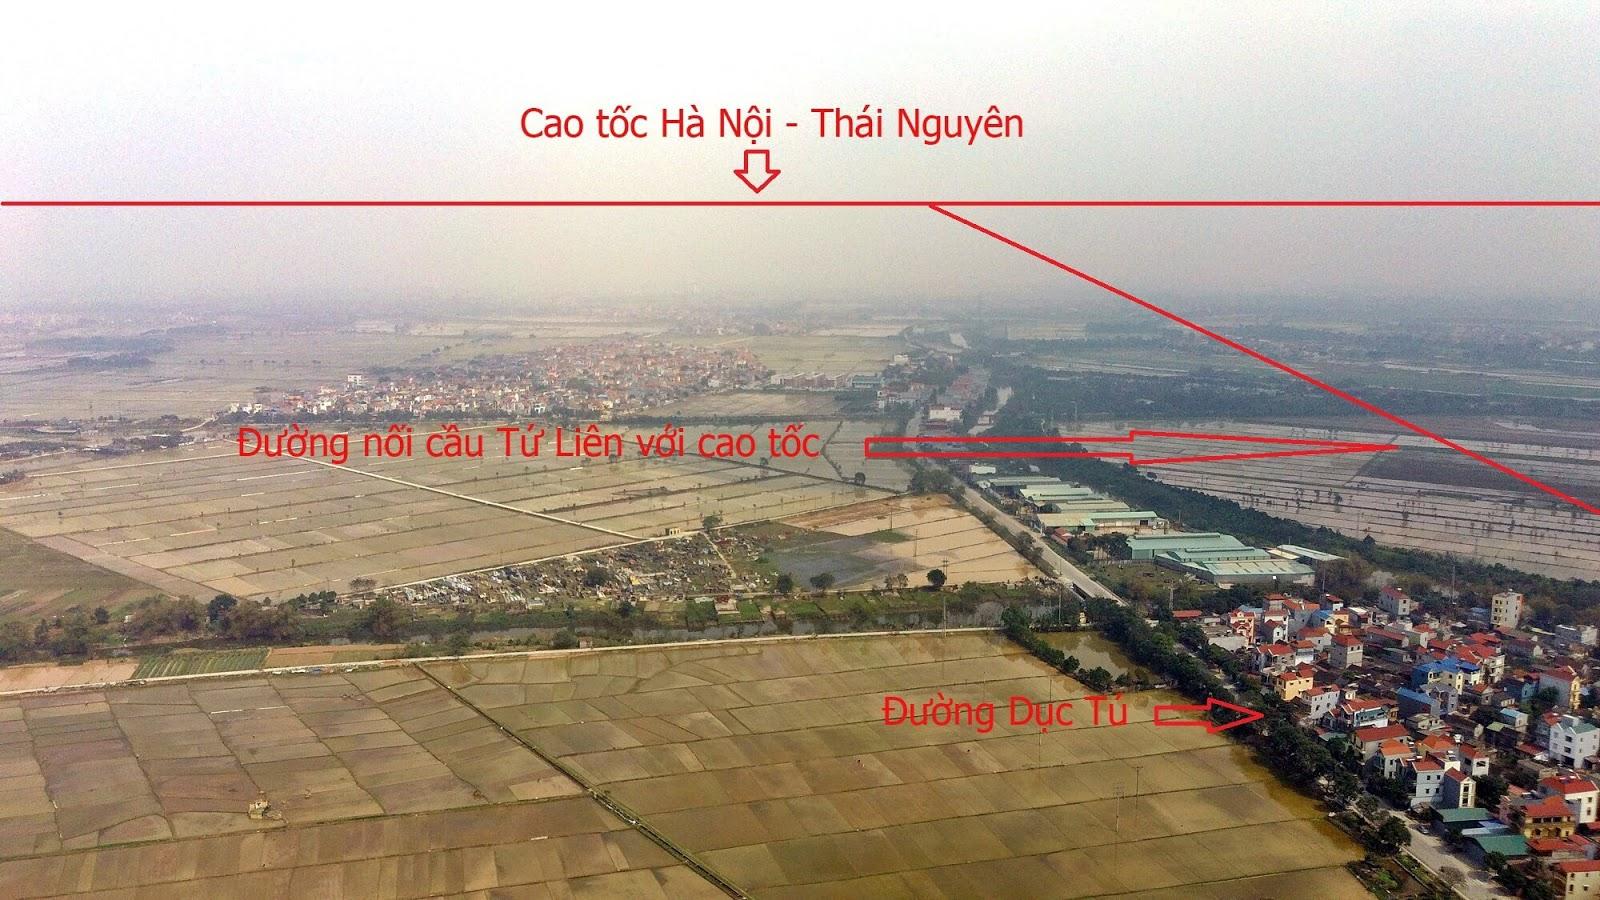 Đoạn nối đường dẫn cầu Tứ Liên và cao tốc Hà Nội - Thái Nguyên nằm trên địa bàn xã Liên Hà, Đông Anh.